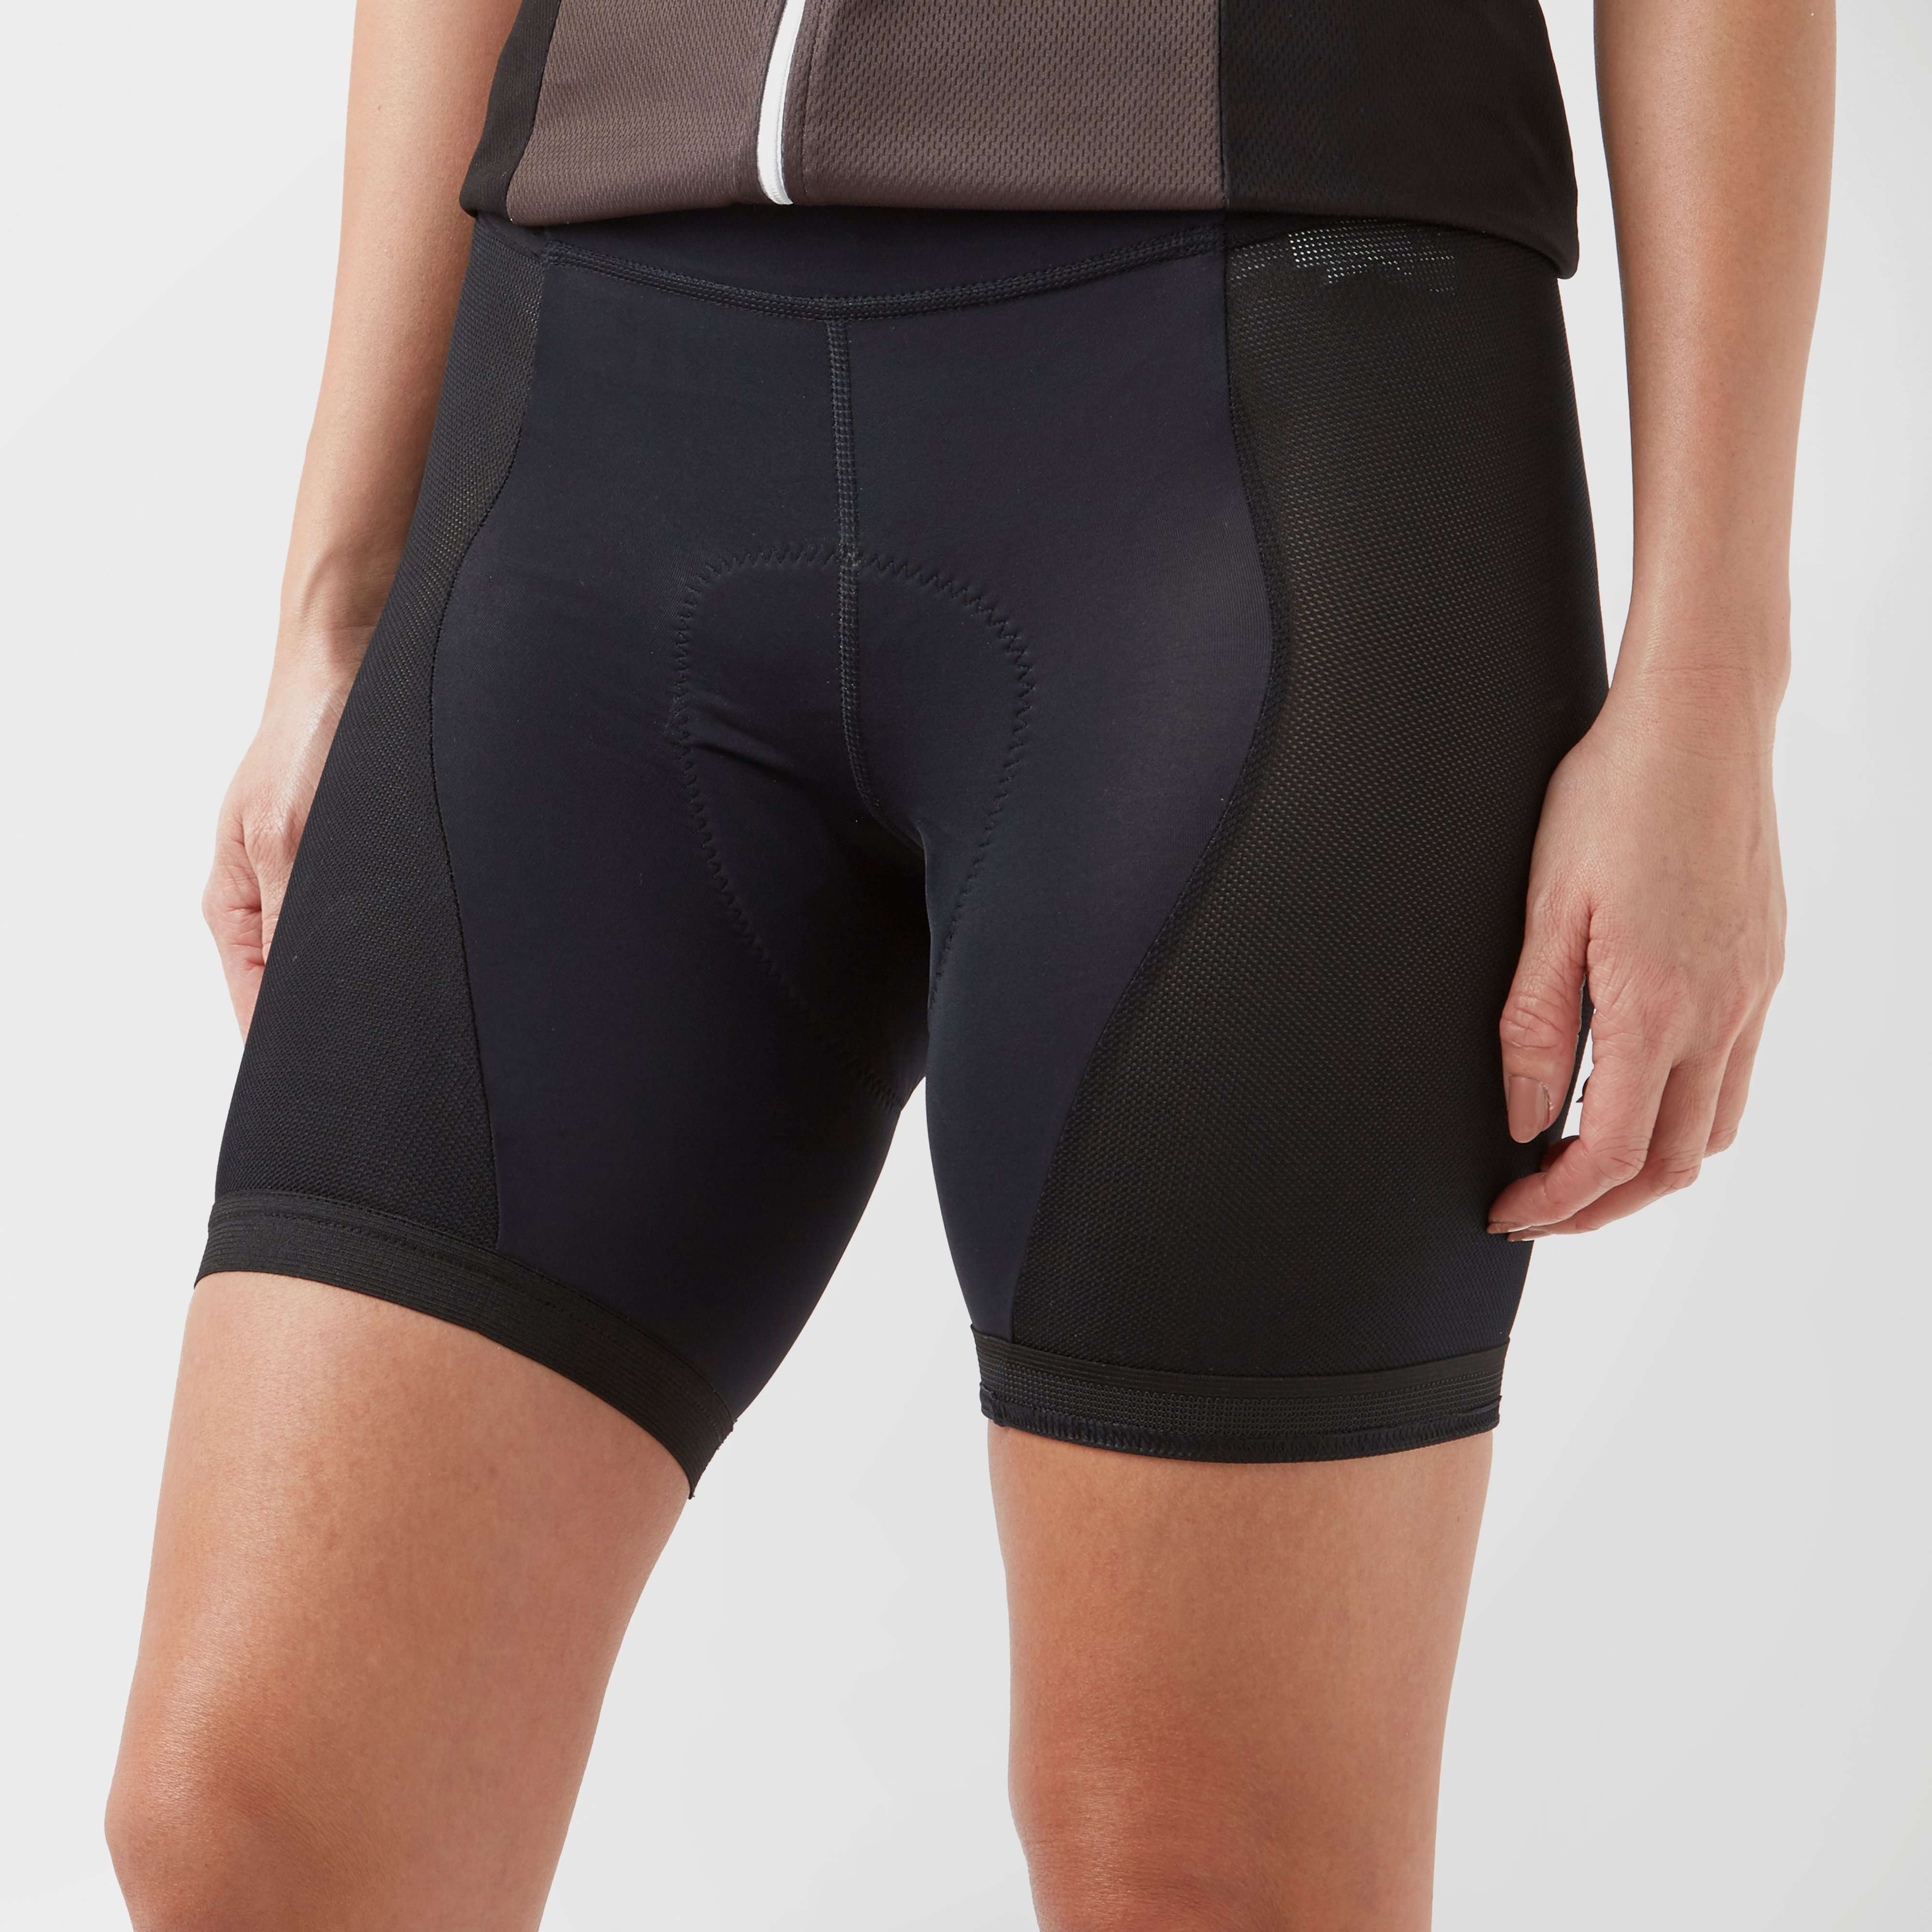 GORE Women's C5 Liner Short Tights+